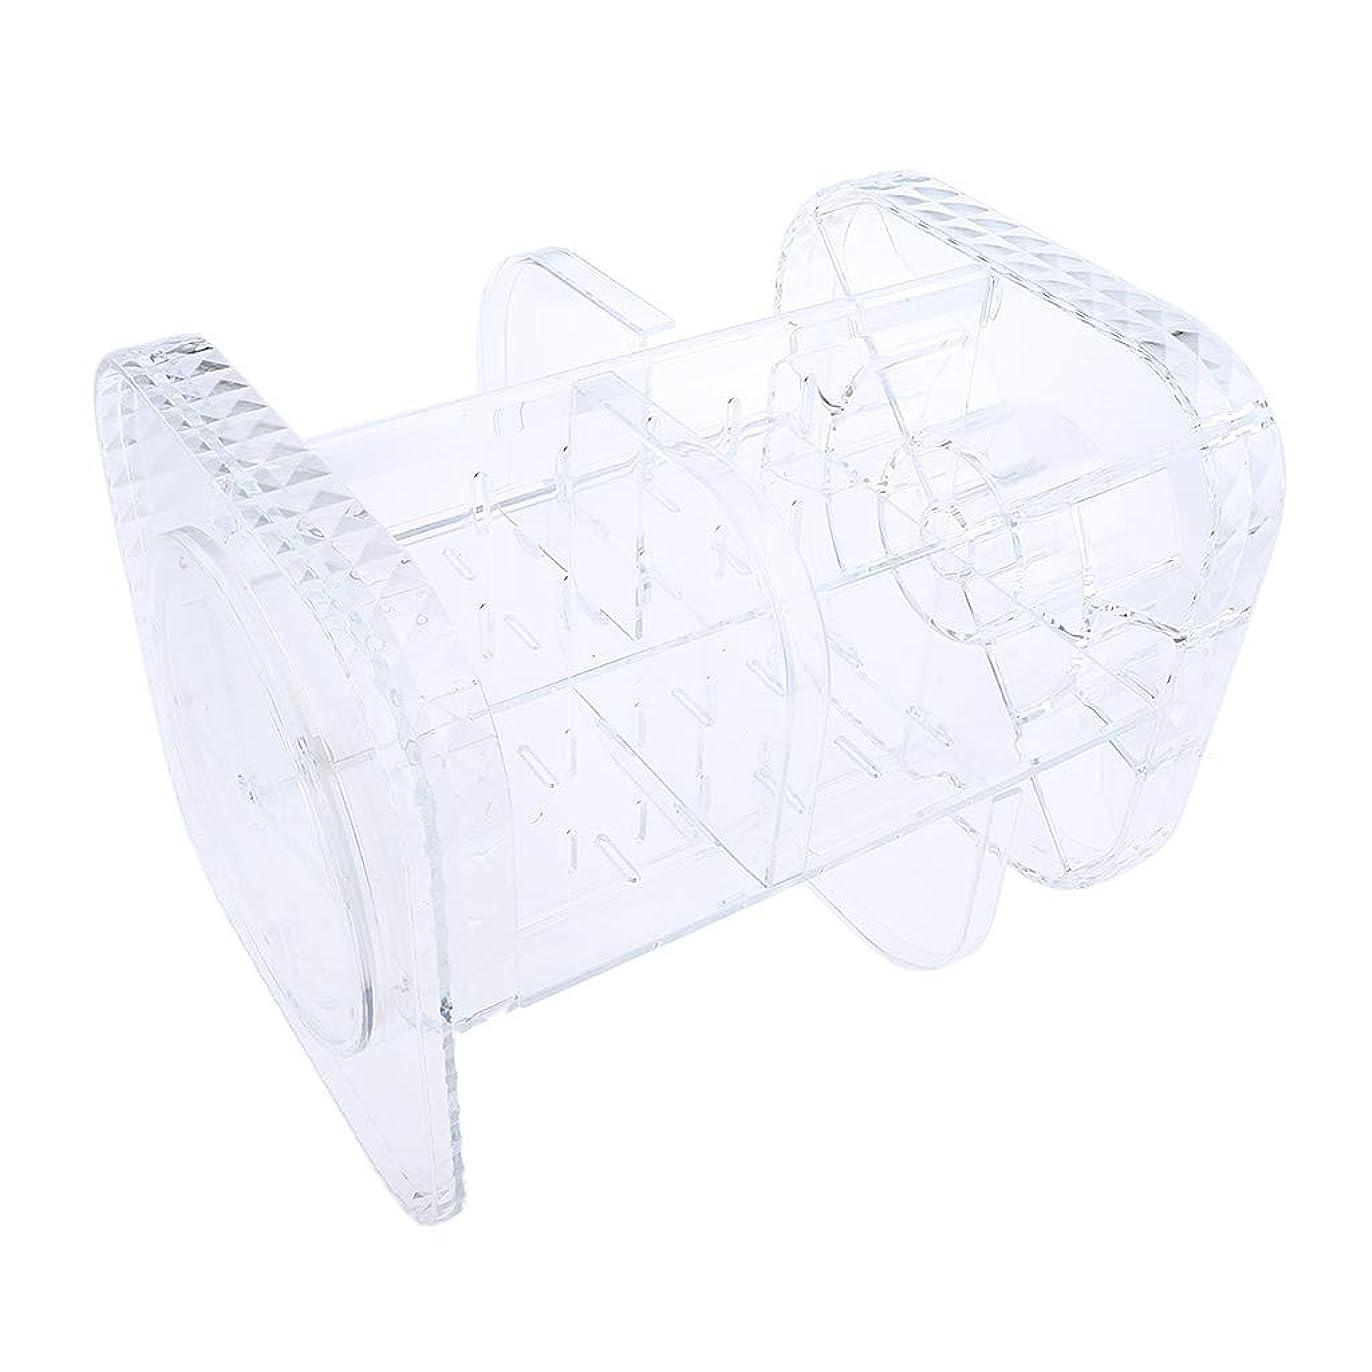 ピボット対人スイス人F Fityle メイクアップ 化粧品オーガナイザー 化粧ブラシ ホルダー 貯蔵容器 ボックス 化粧ケース